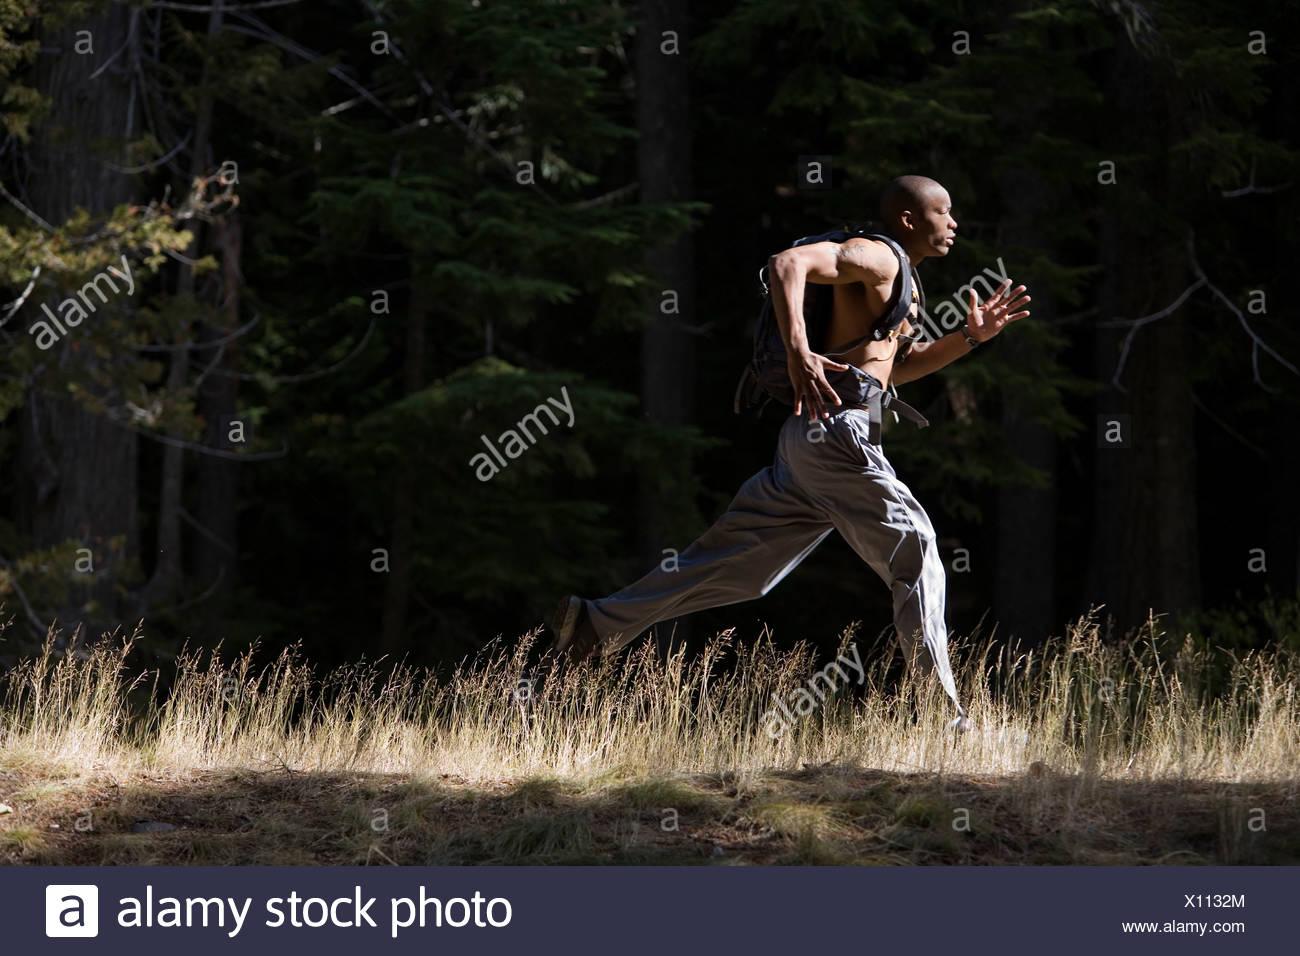 Afrikanische amerikanischer Mann, Amor Alexander läuft auf Trail in der Nähe von Mt. Hood in den Cascade Mountains, Oregon. (hoher Kontrast) Stockbild